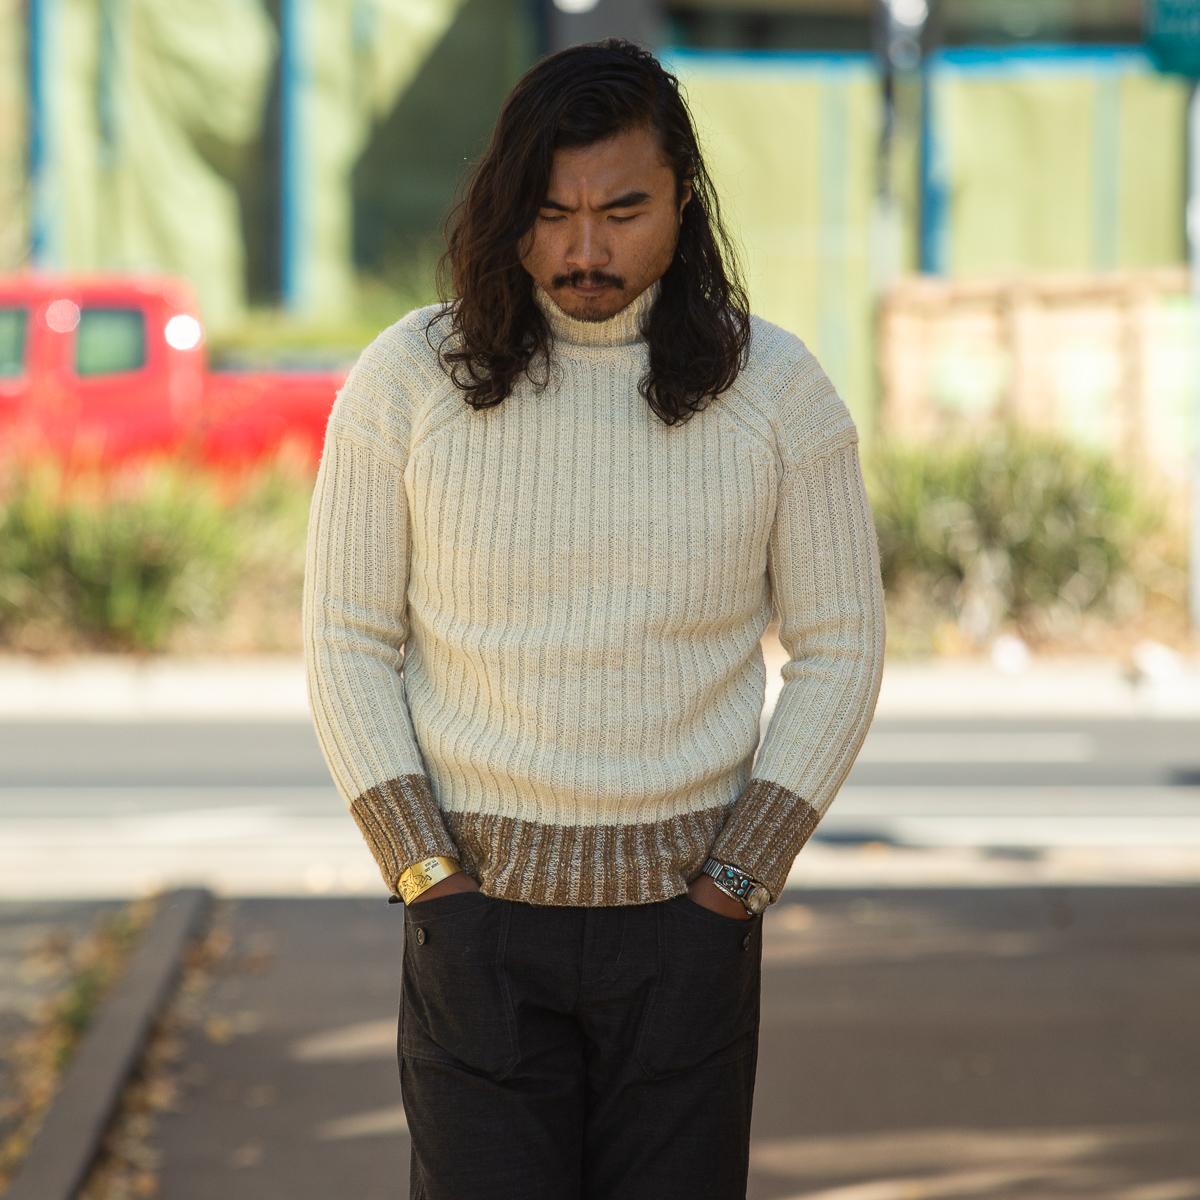 1p - Darya Sweater - Natural-Brown-Onbody-5760 x 3840-19.jpg